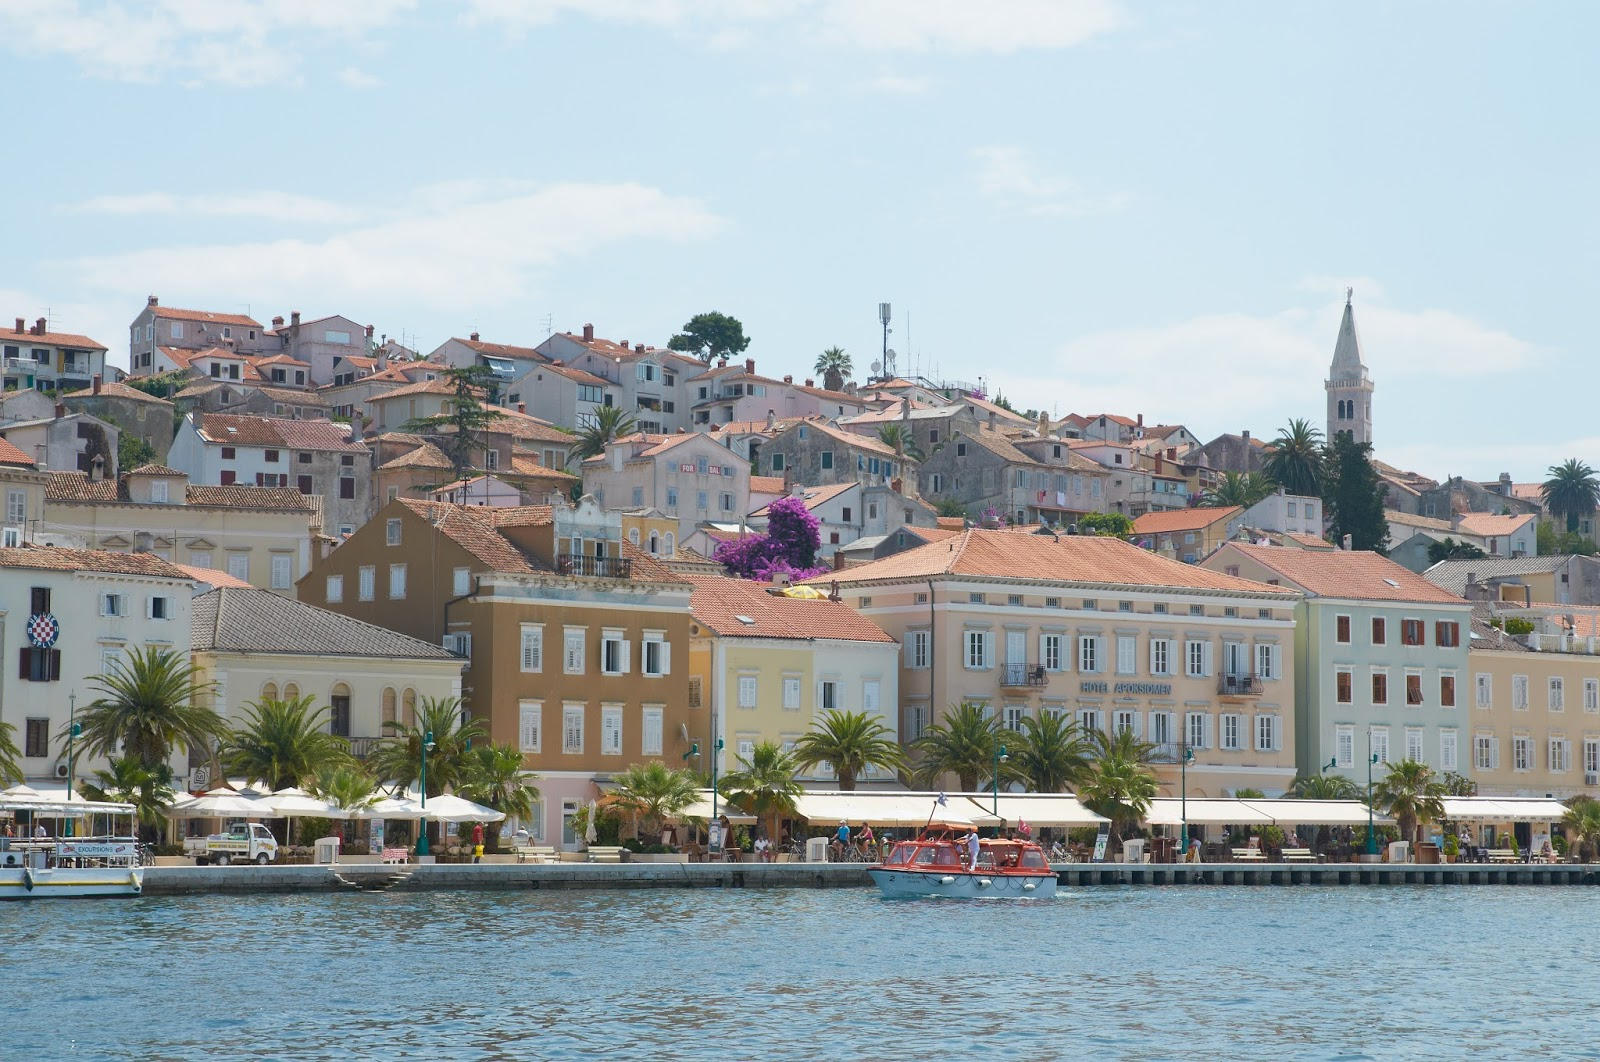 widok na zatokę Chorwacja, Malij Losinij